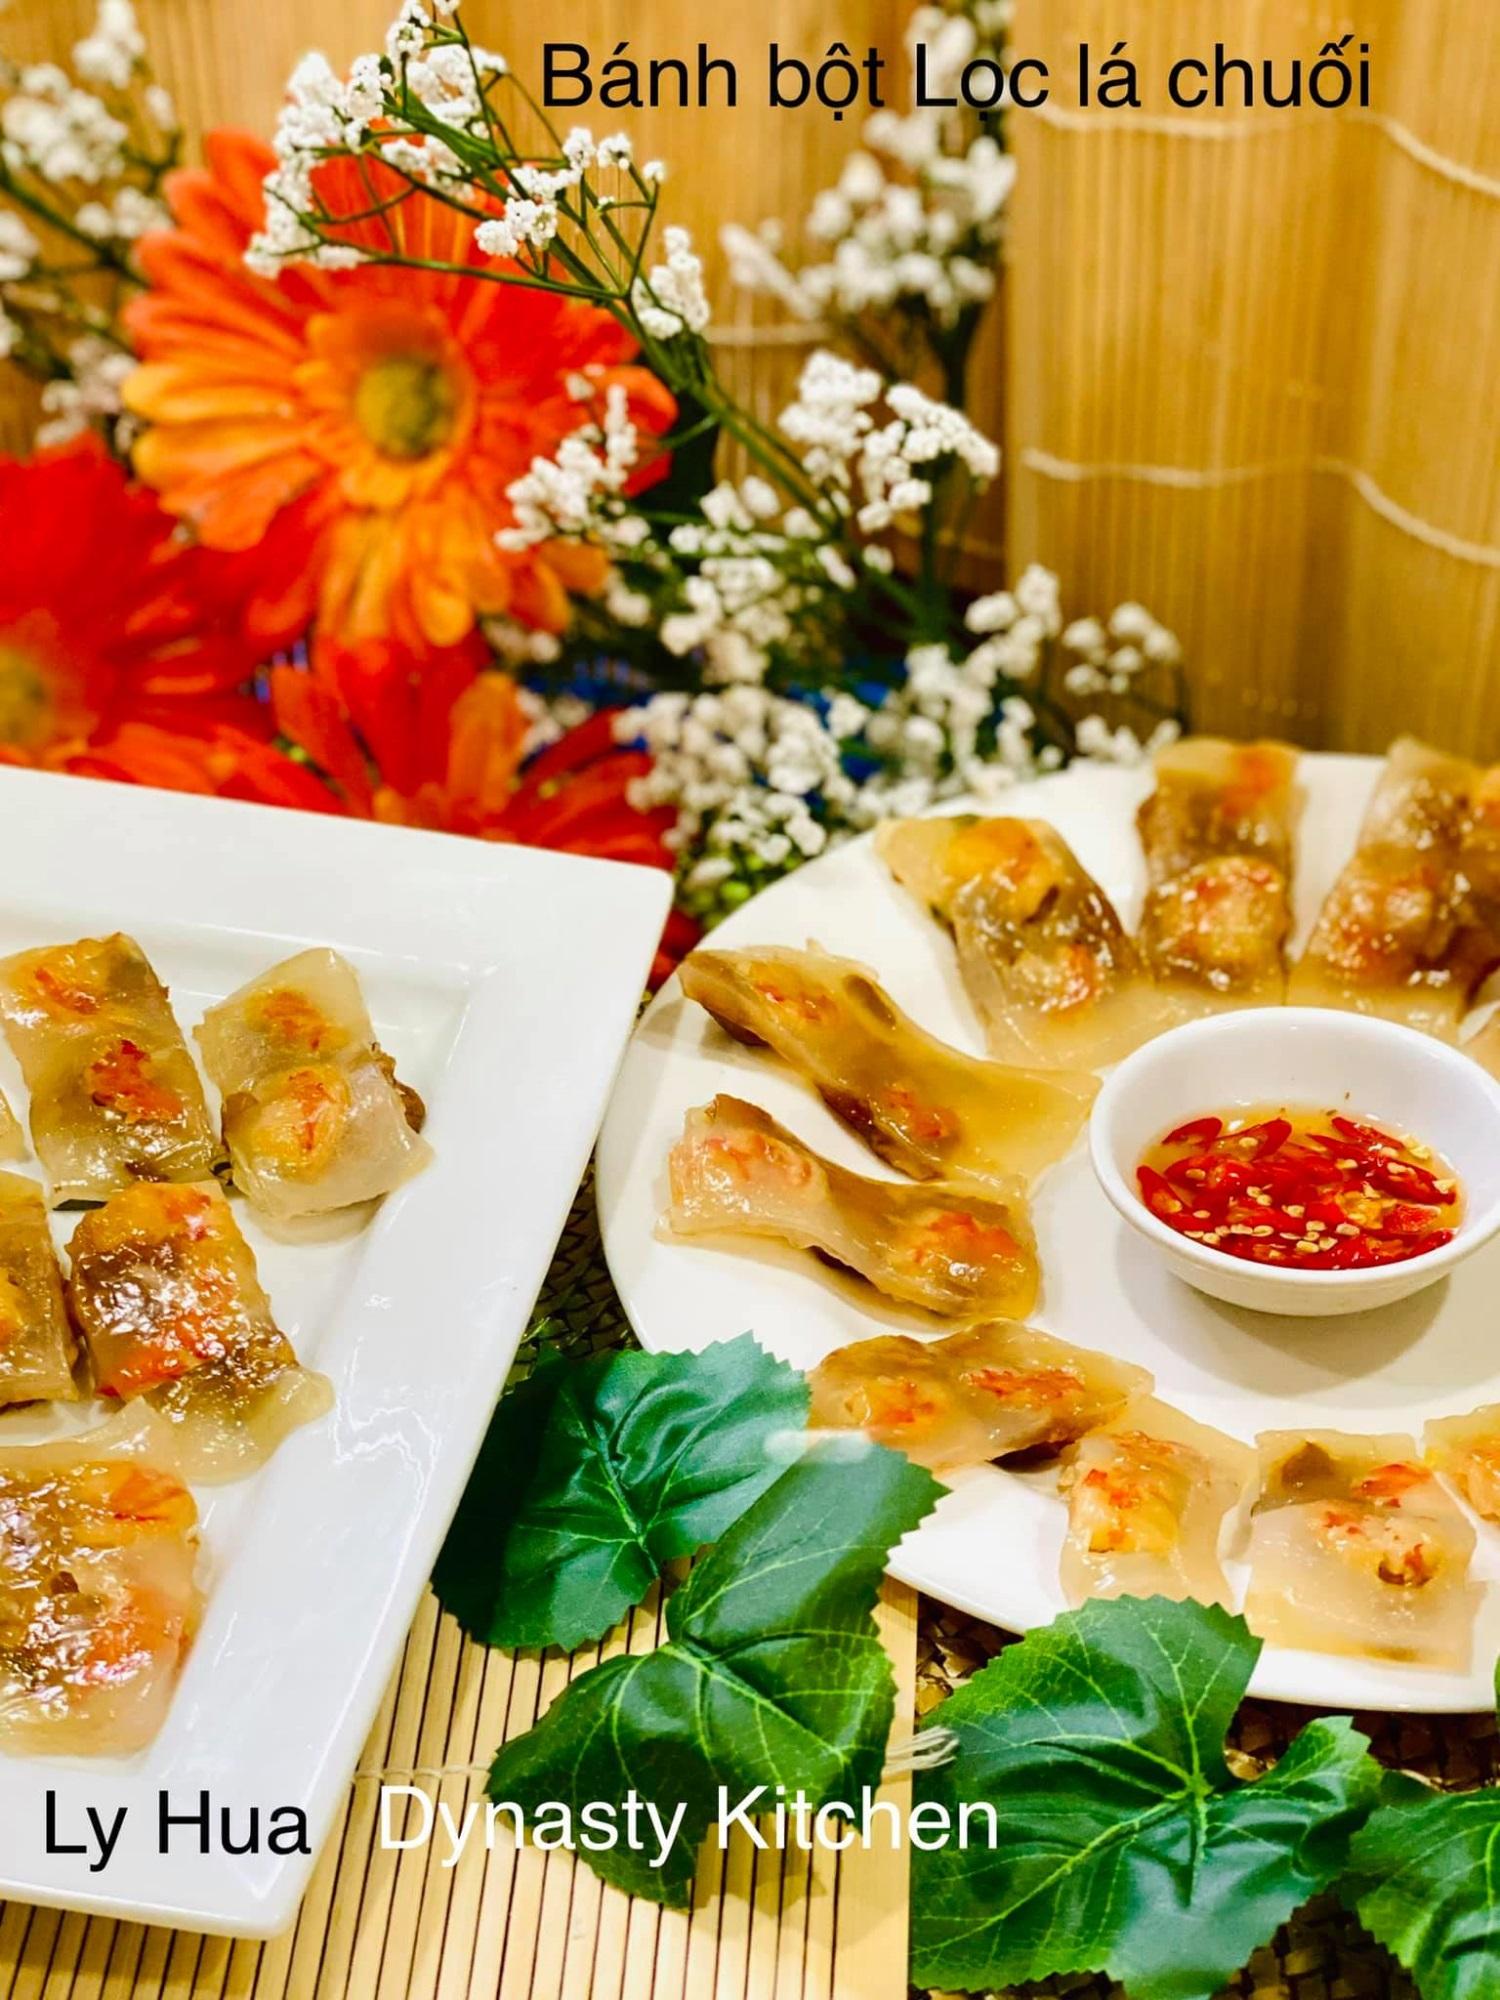 Mẹ đảm mách chị em cách làm bánh bột lọc lá chuối, đơn giản nhanh gọn và cực ngon - Ảnh 3